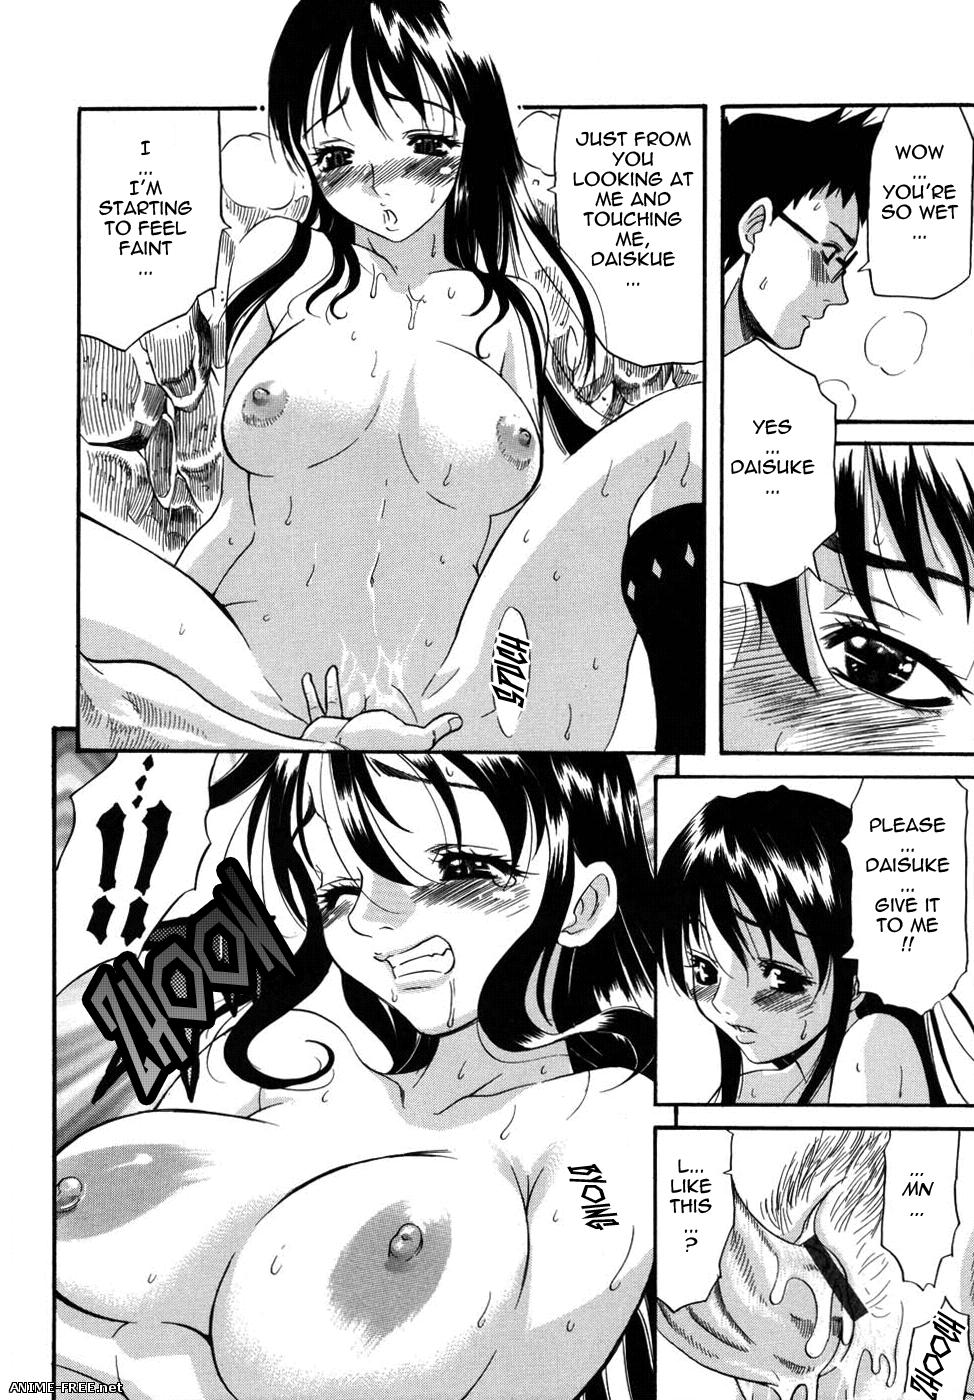 Amatarou - Сборник хентай манги [Ptcen] [JAP,ENG,RUS] Manga Hentai